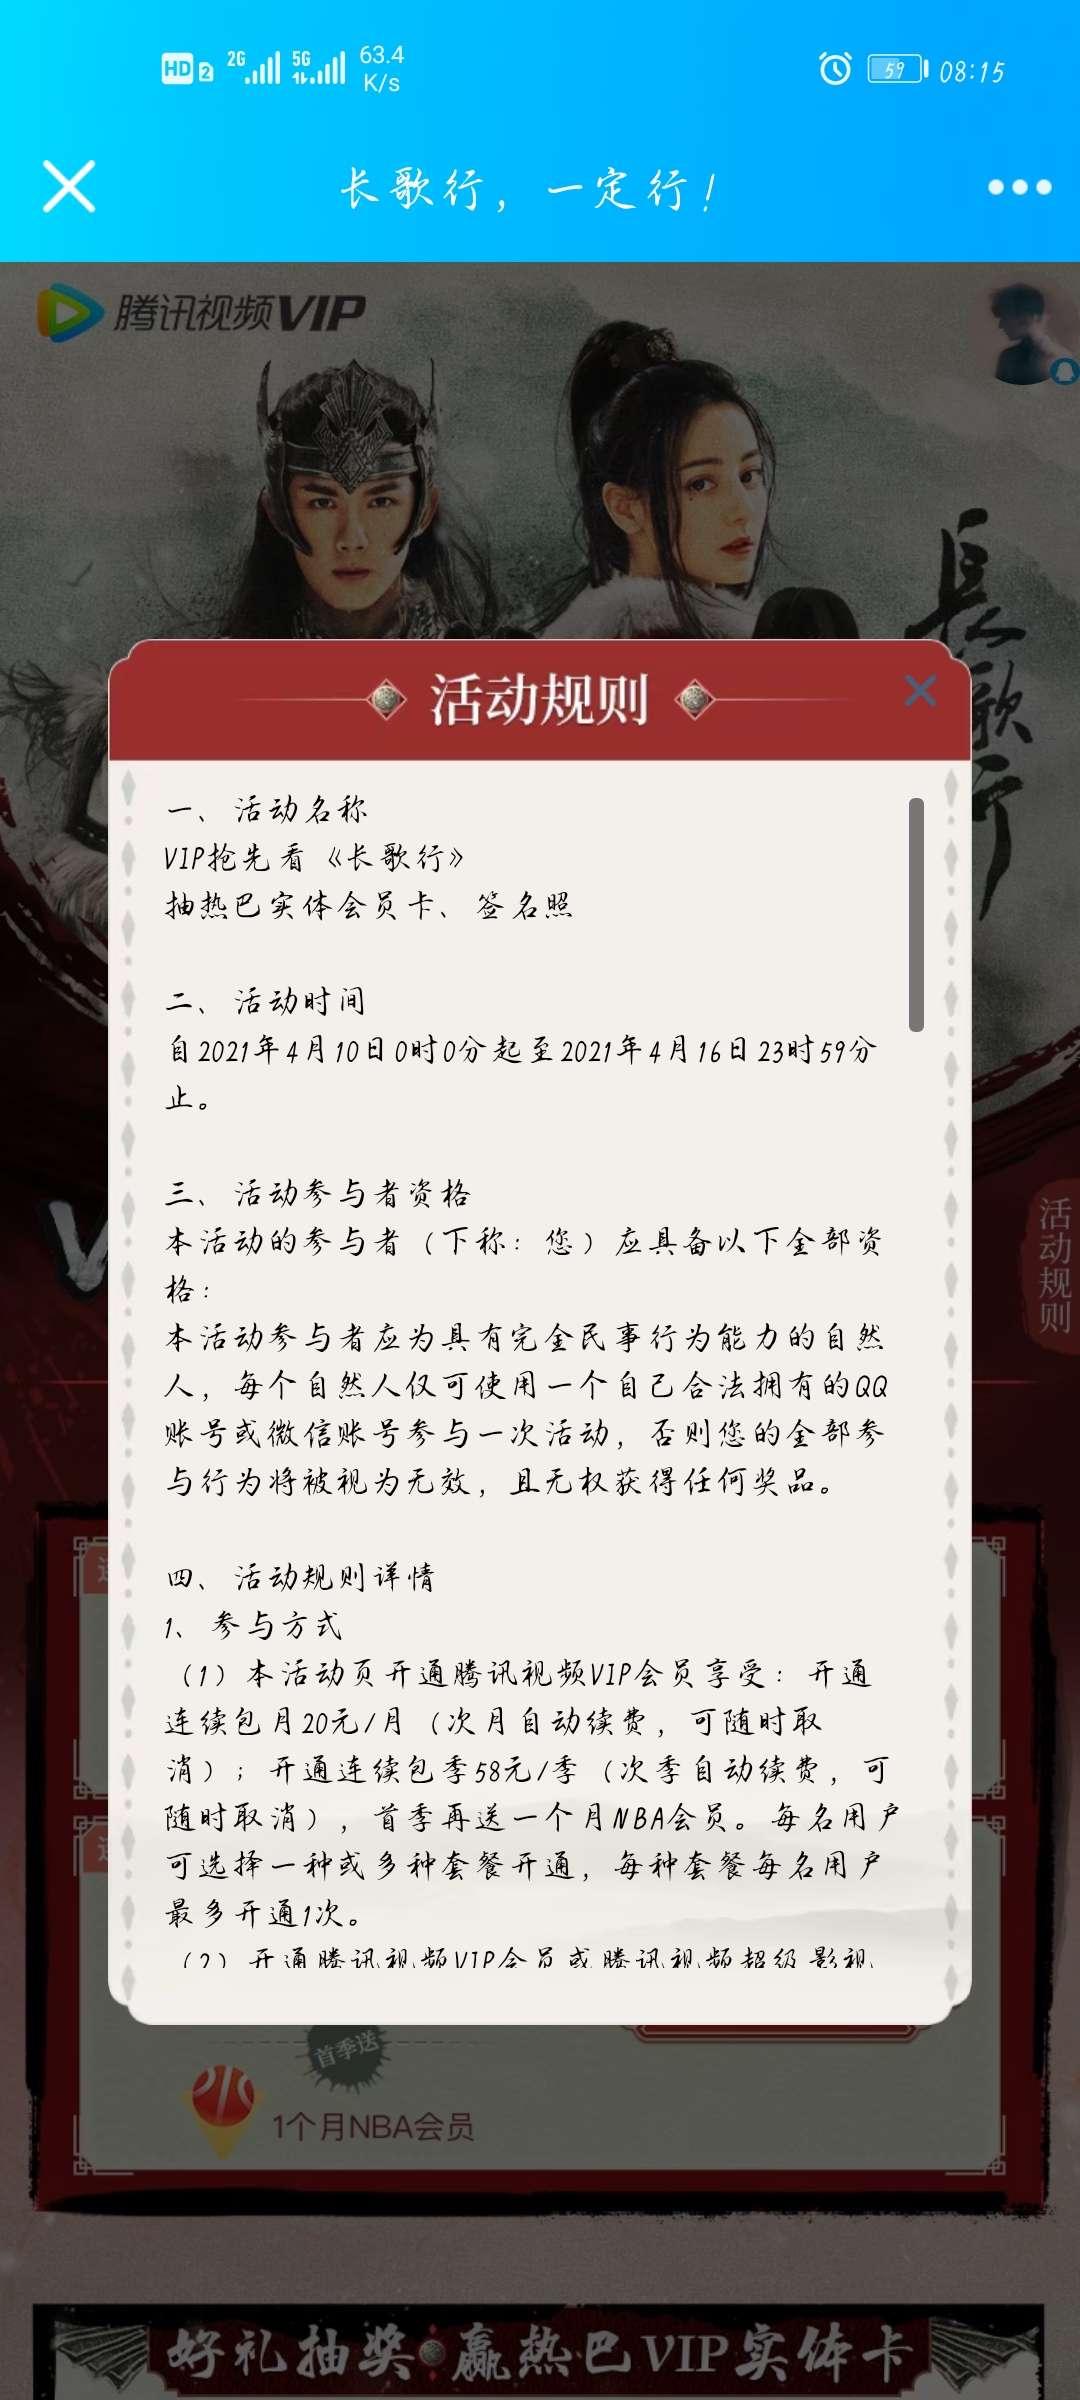 腾讯视频vip抽迪丽热巴实体会员卡,签名照等